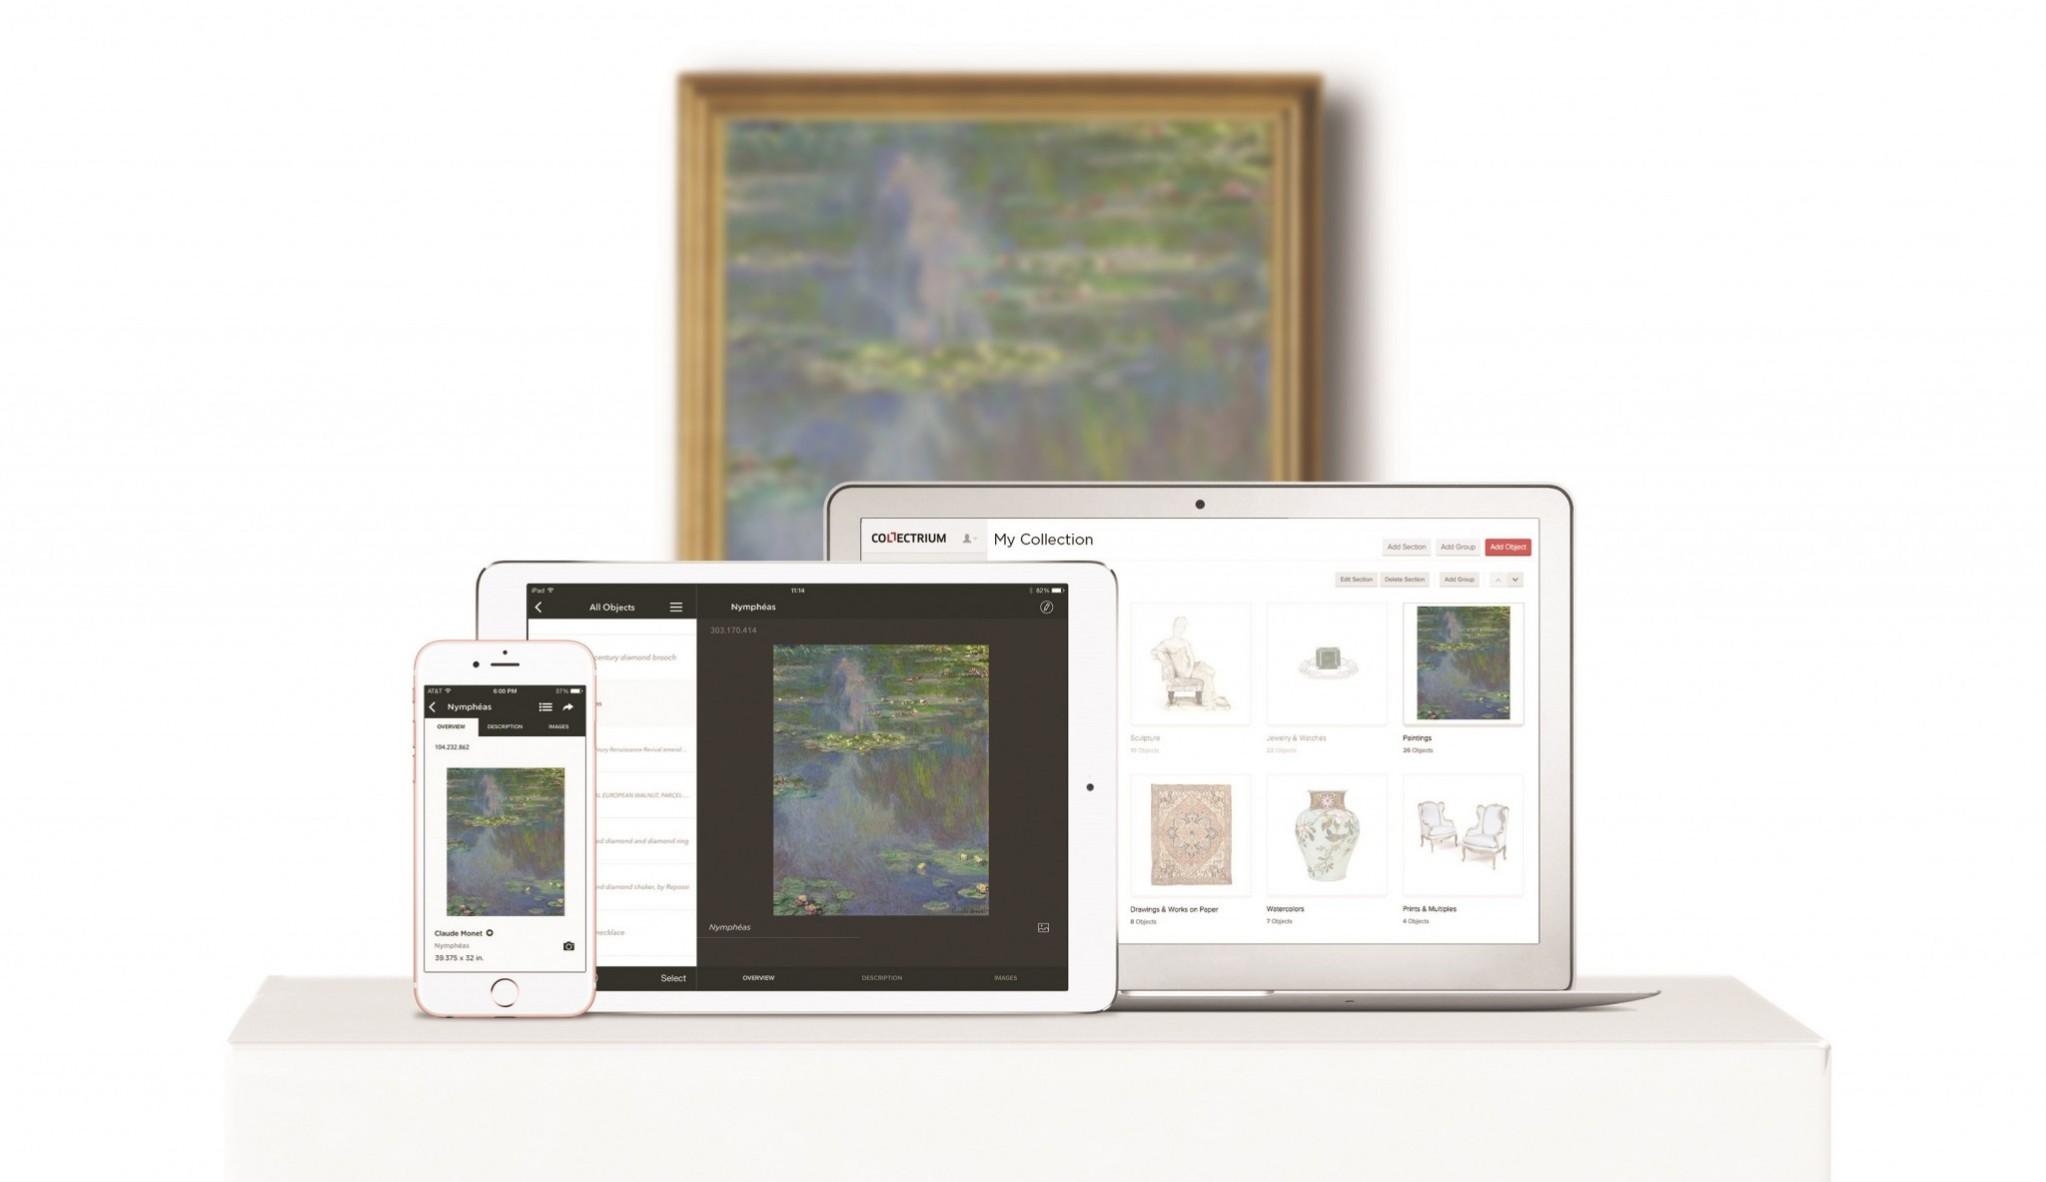 Collectrium-main-visual-1